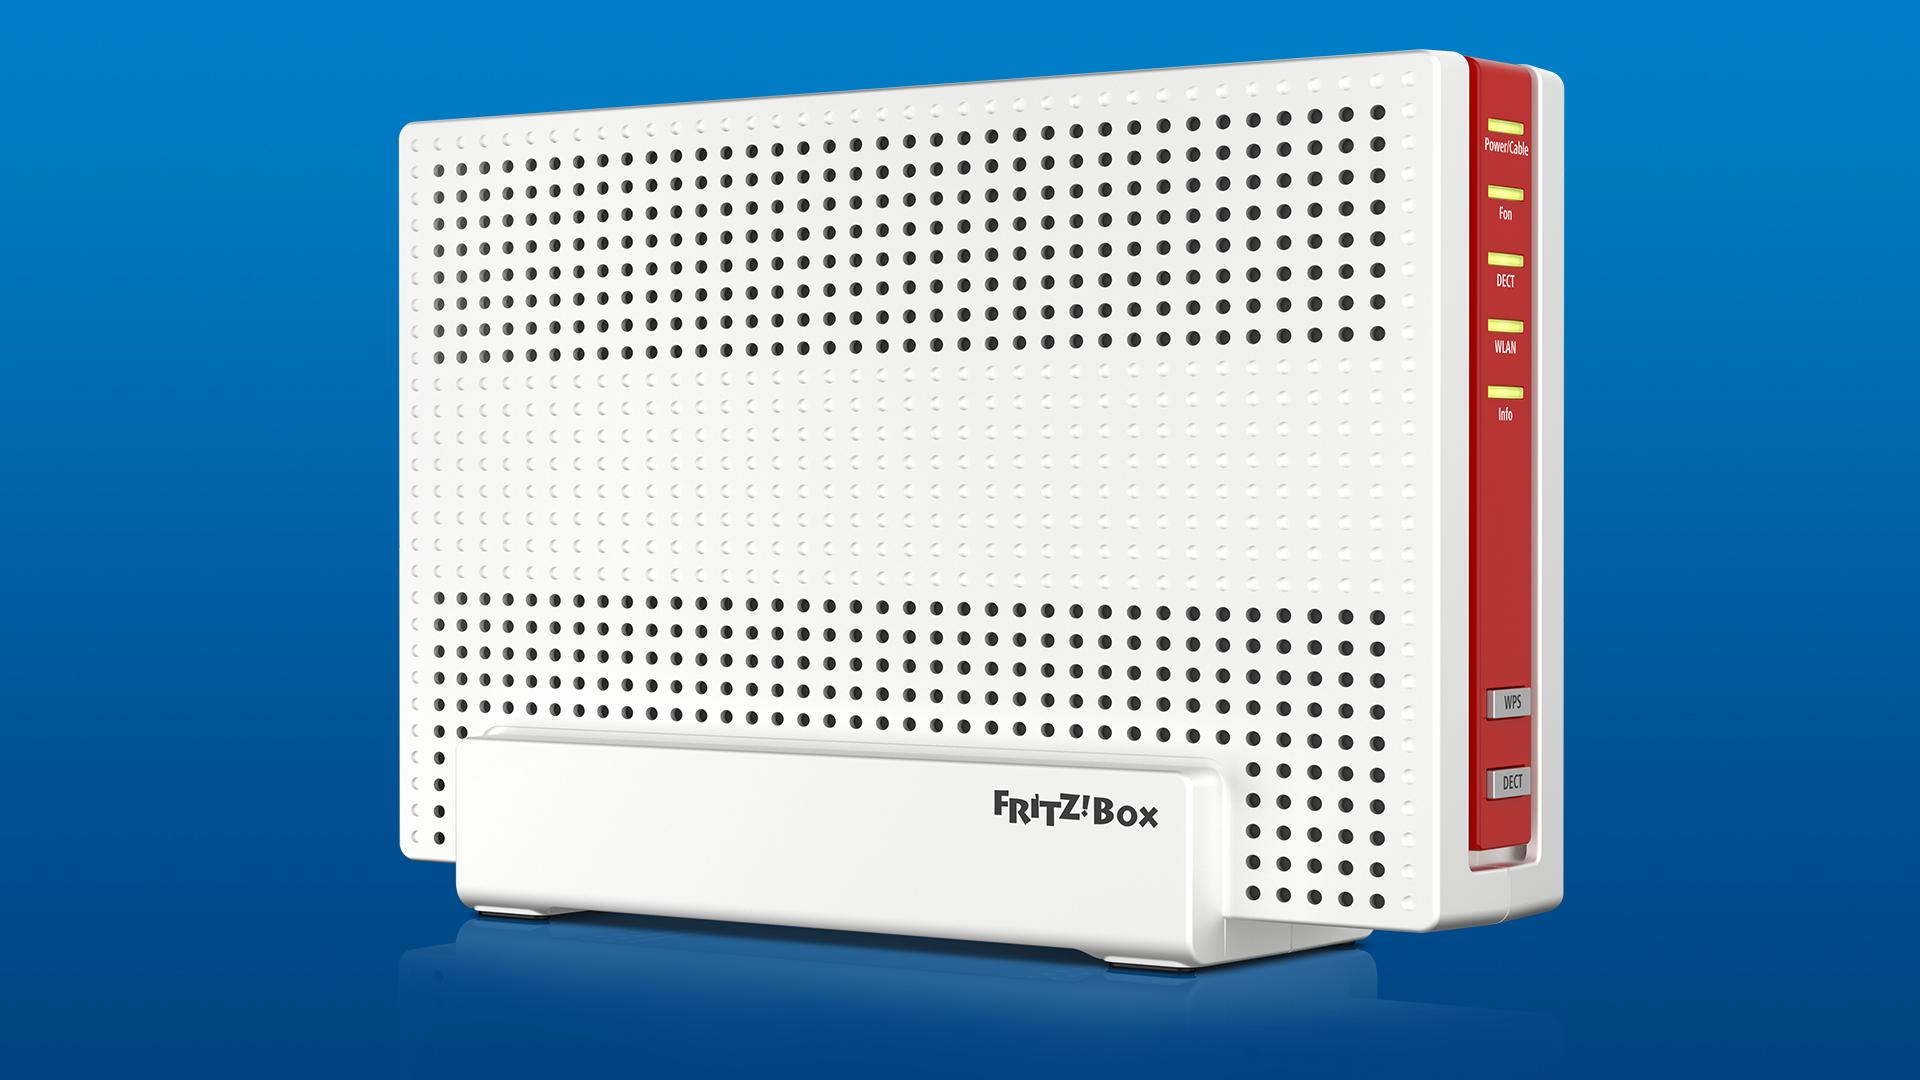 neue fritz box modelle auf der cebit vorgestellt. Black Bedroom Furniture Sets. Home Design Ideas